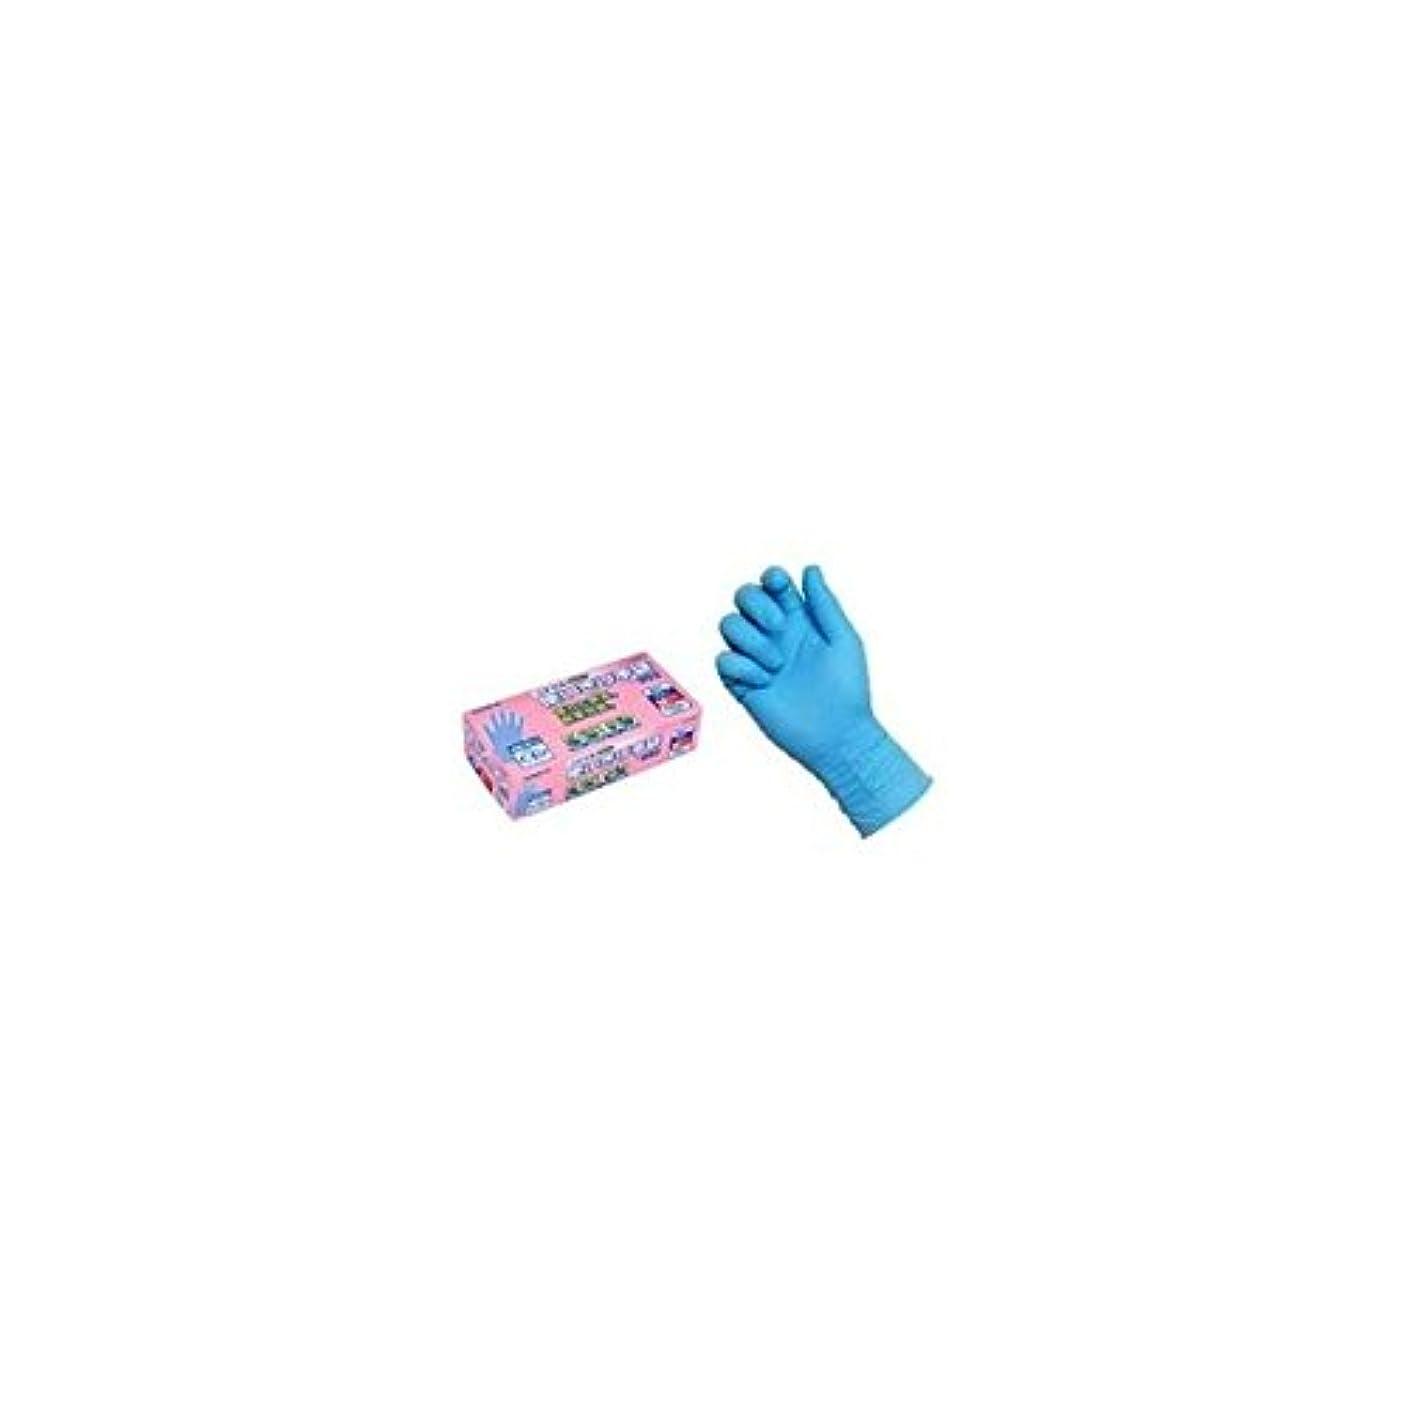 減衰食品成人期ニトリル使いきり手袋 PF NO.992 M ブルー エステー 【商品CD】ST4779